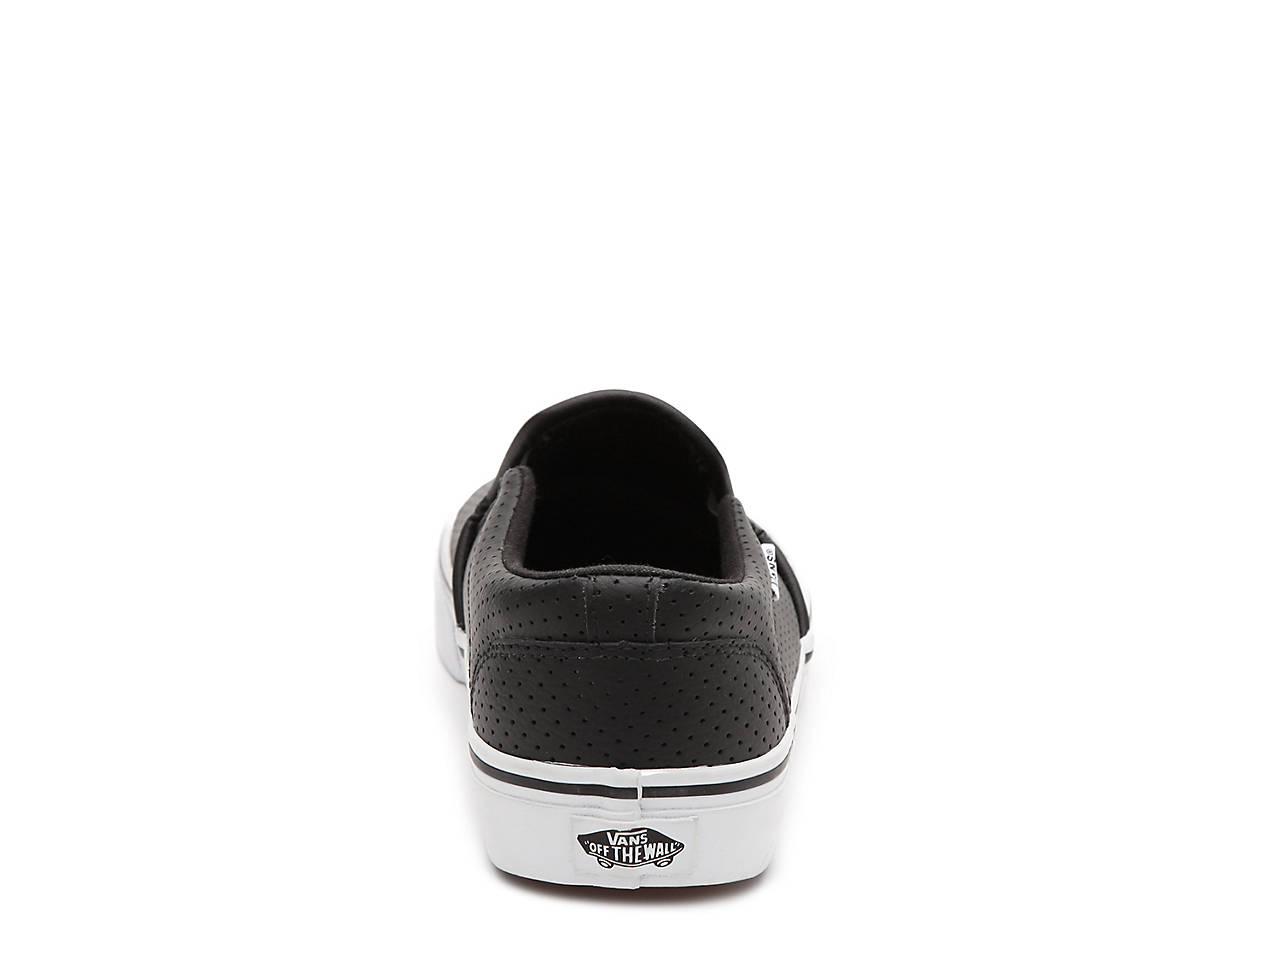 Mens Black Leather Vans Shoes Dsw